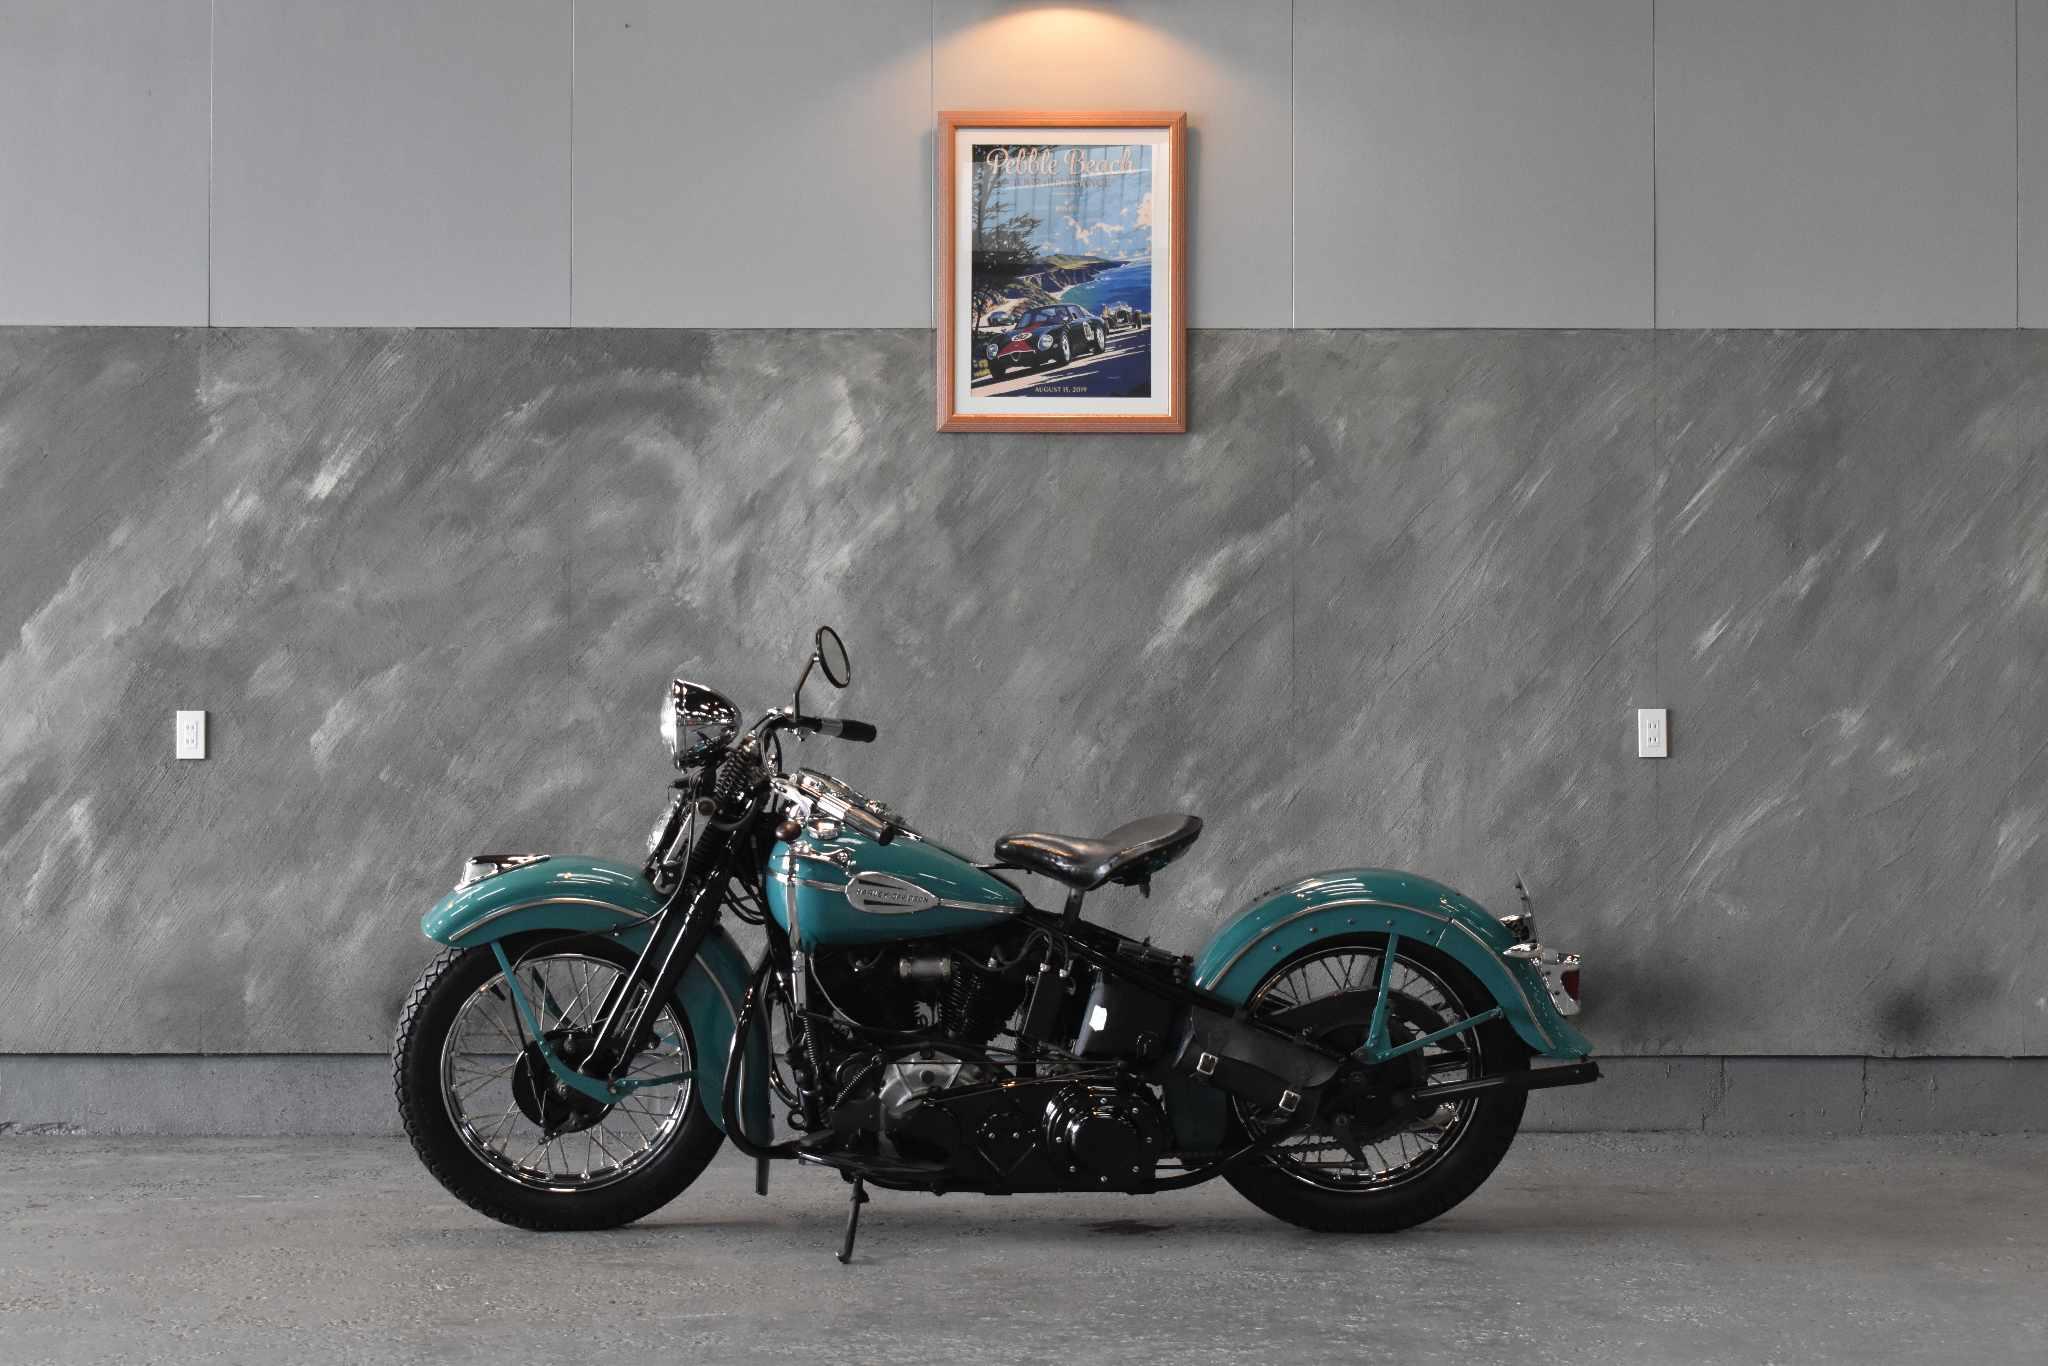 1941 年 ハーレーダビットソン EL ナックルヘッド 1000cc